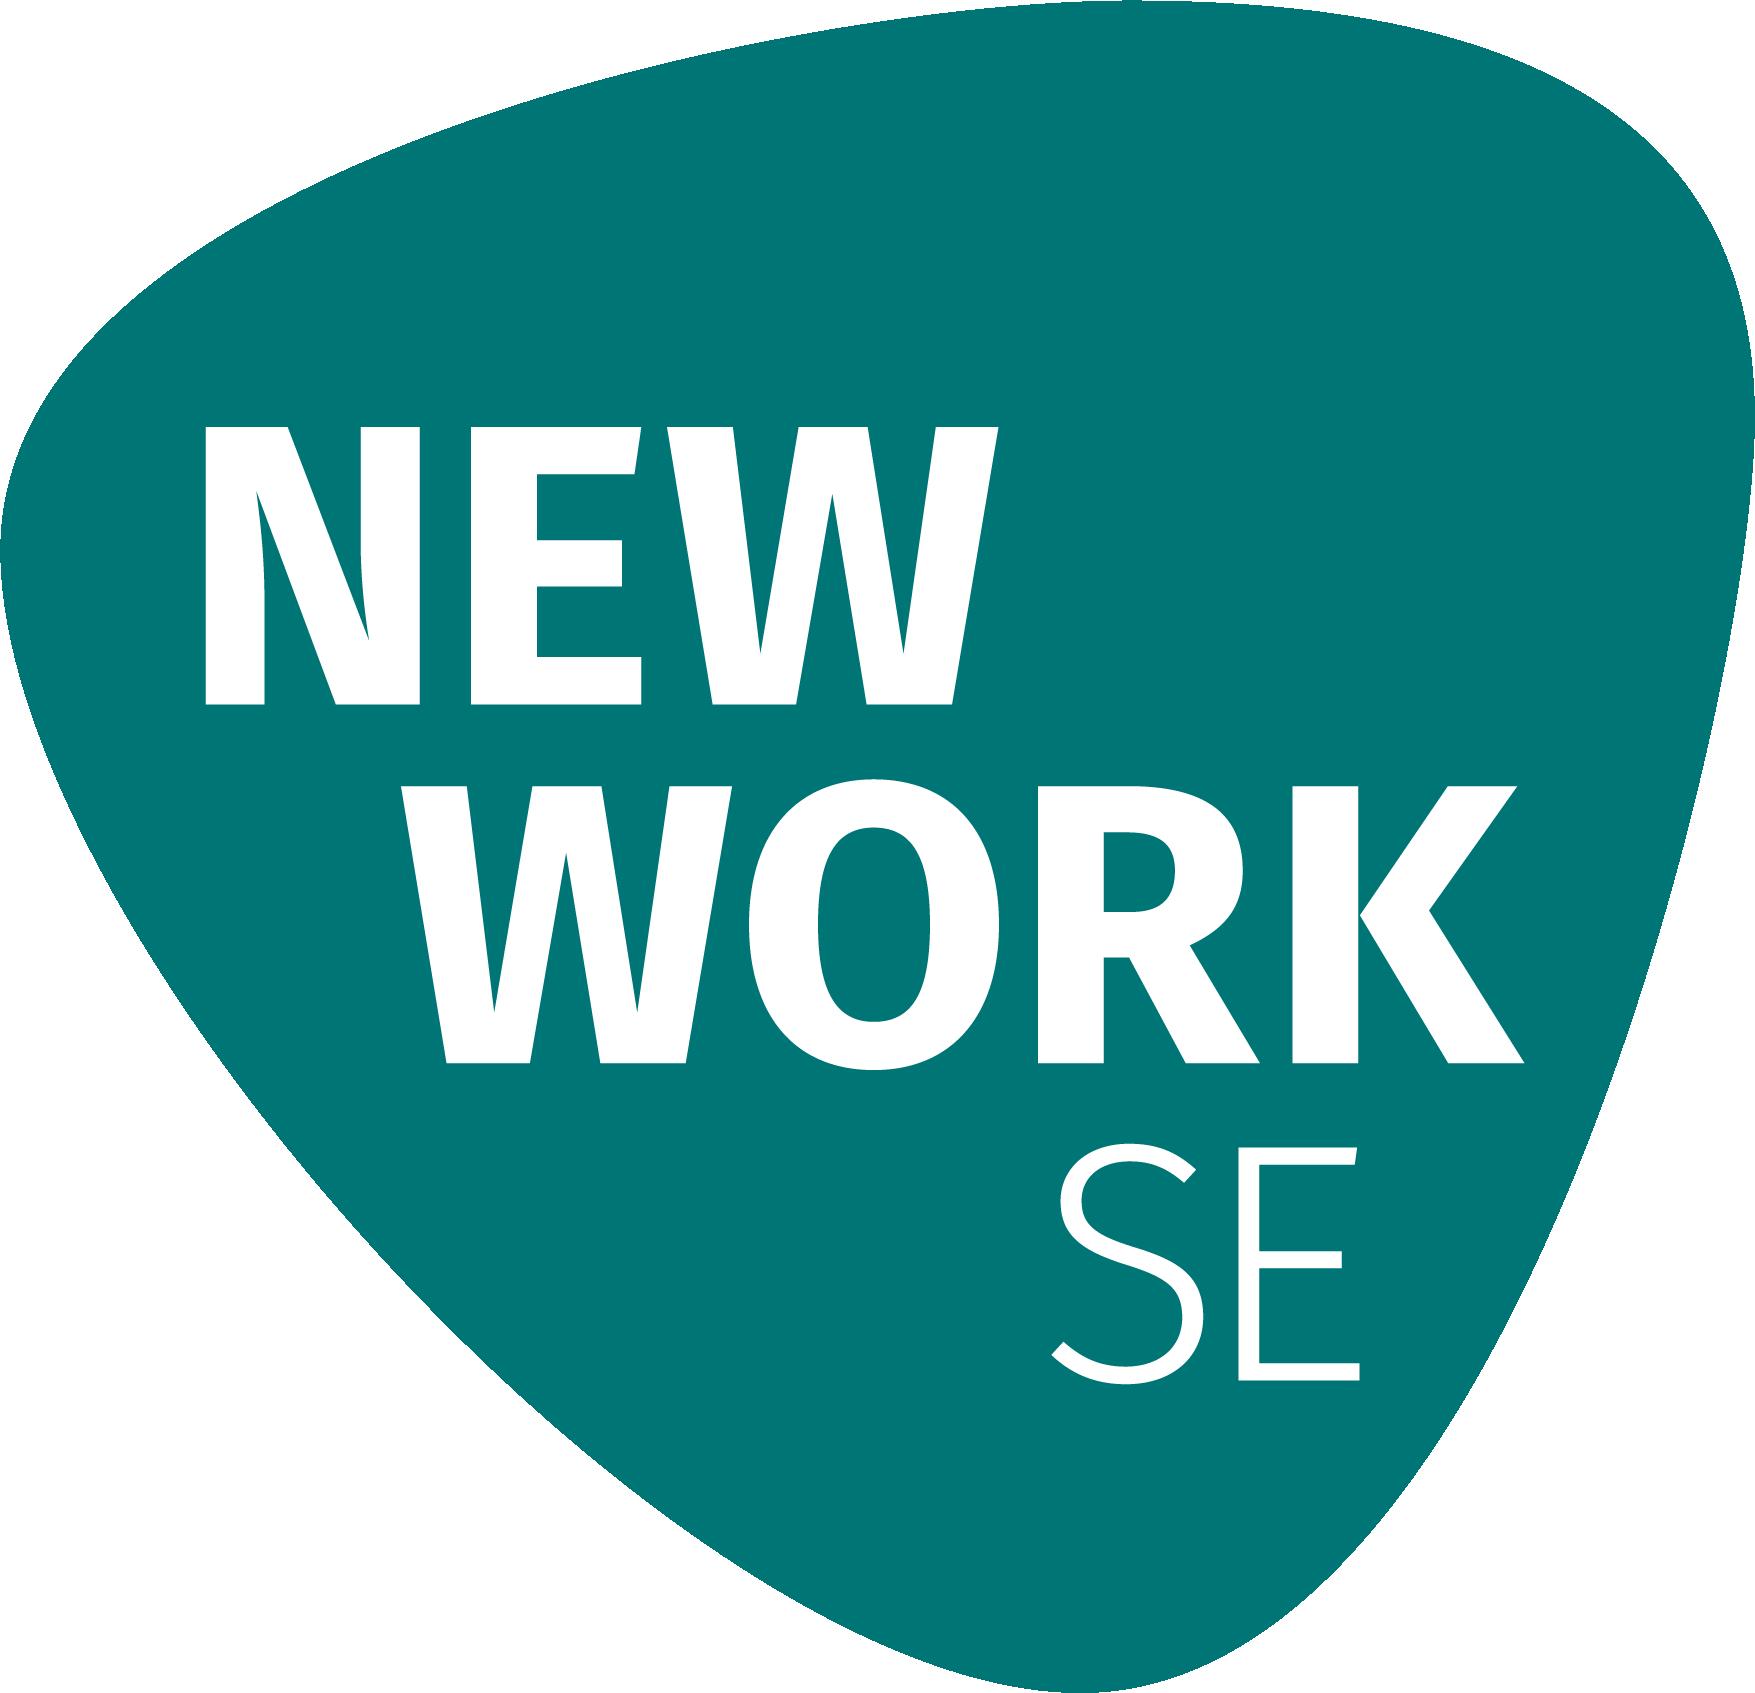 New Work SE logo